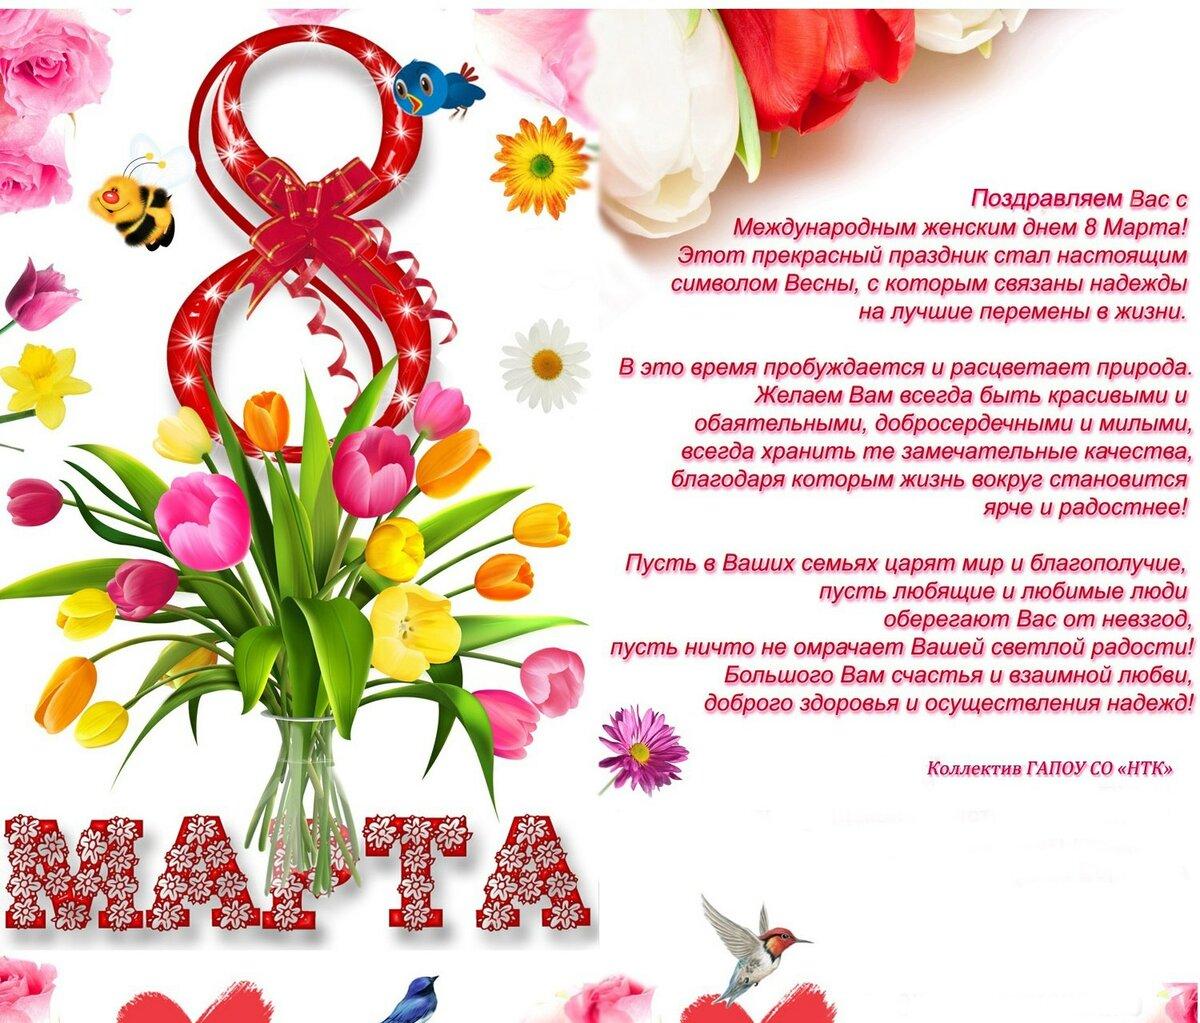 Поздравления к 8 марта для девочек 7 класса